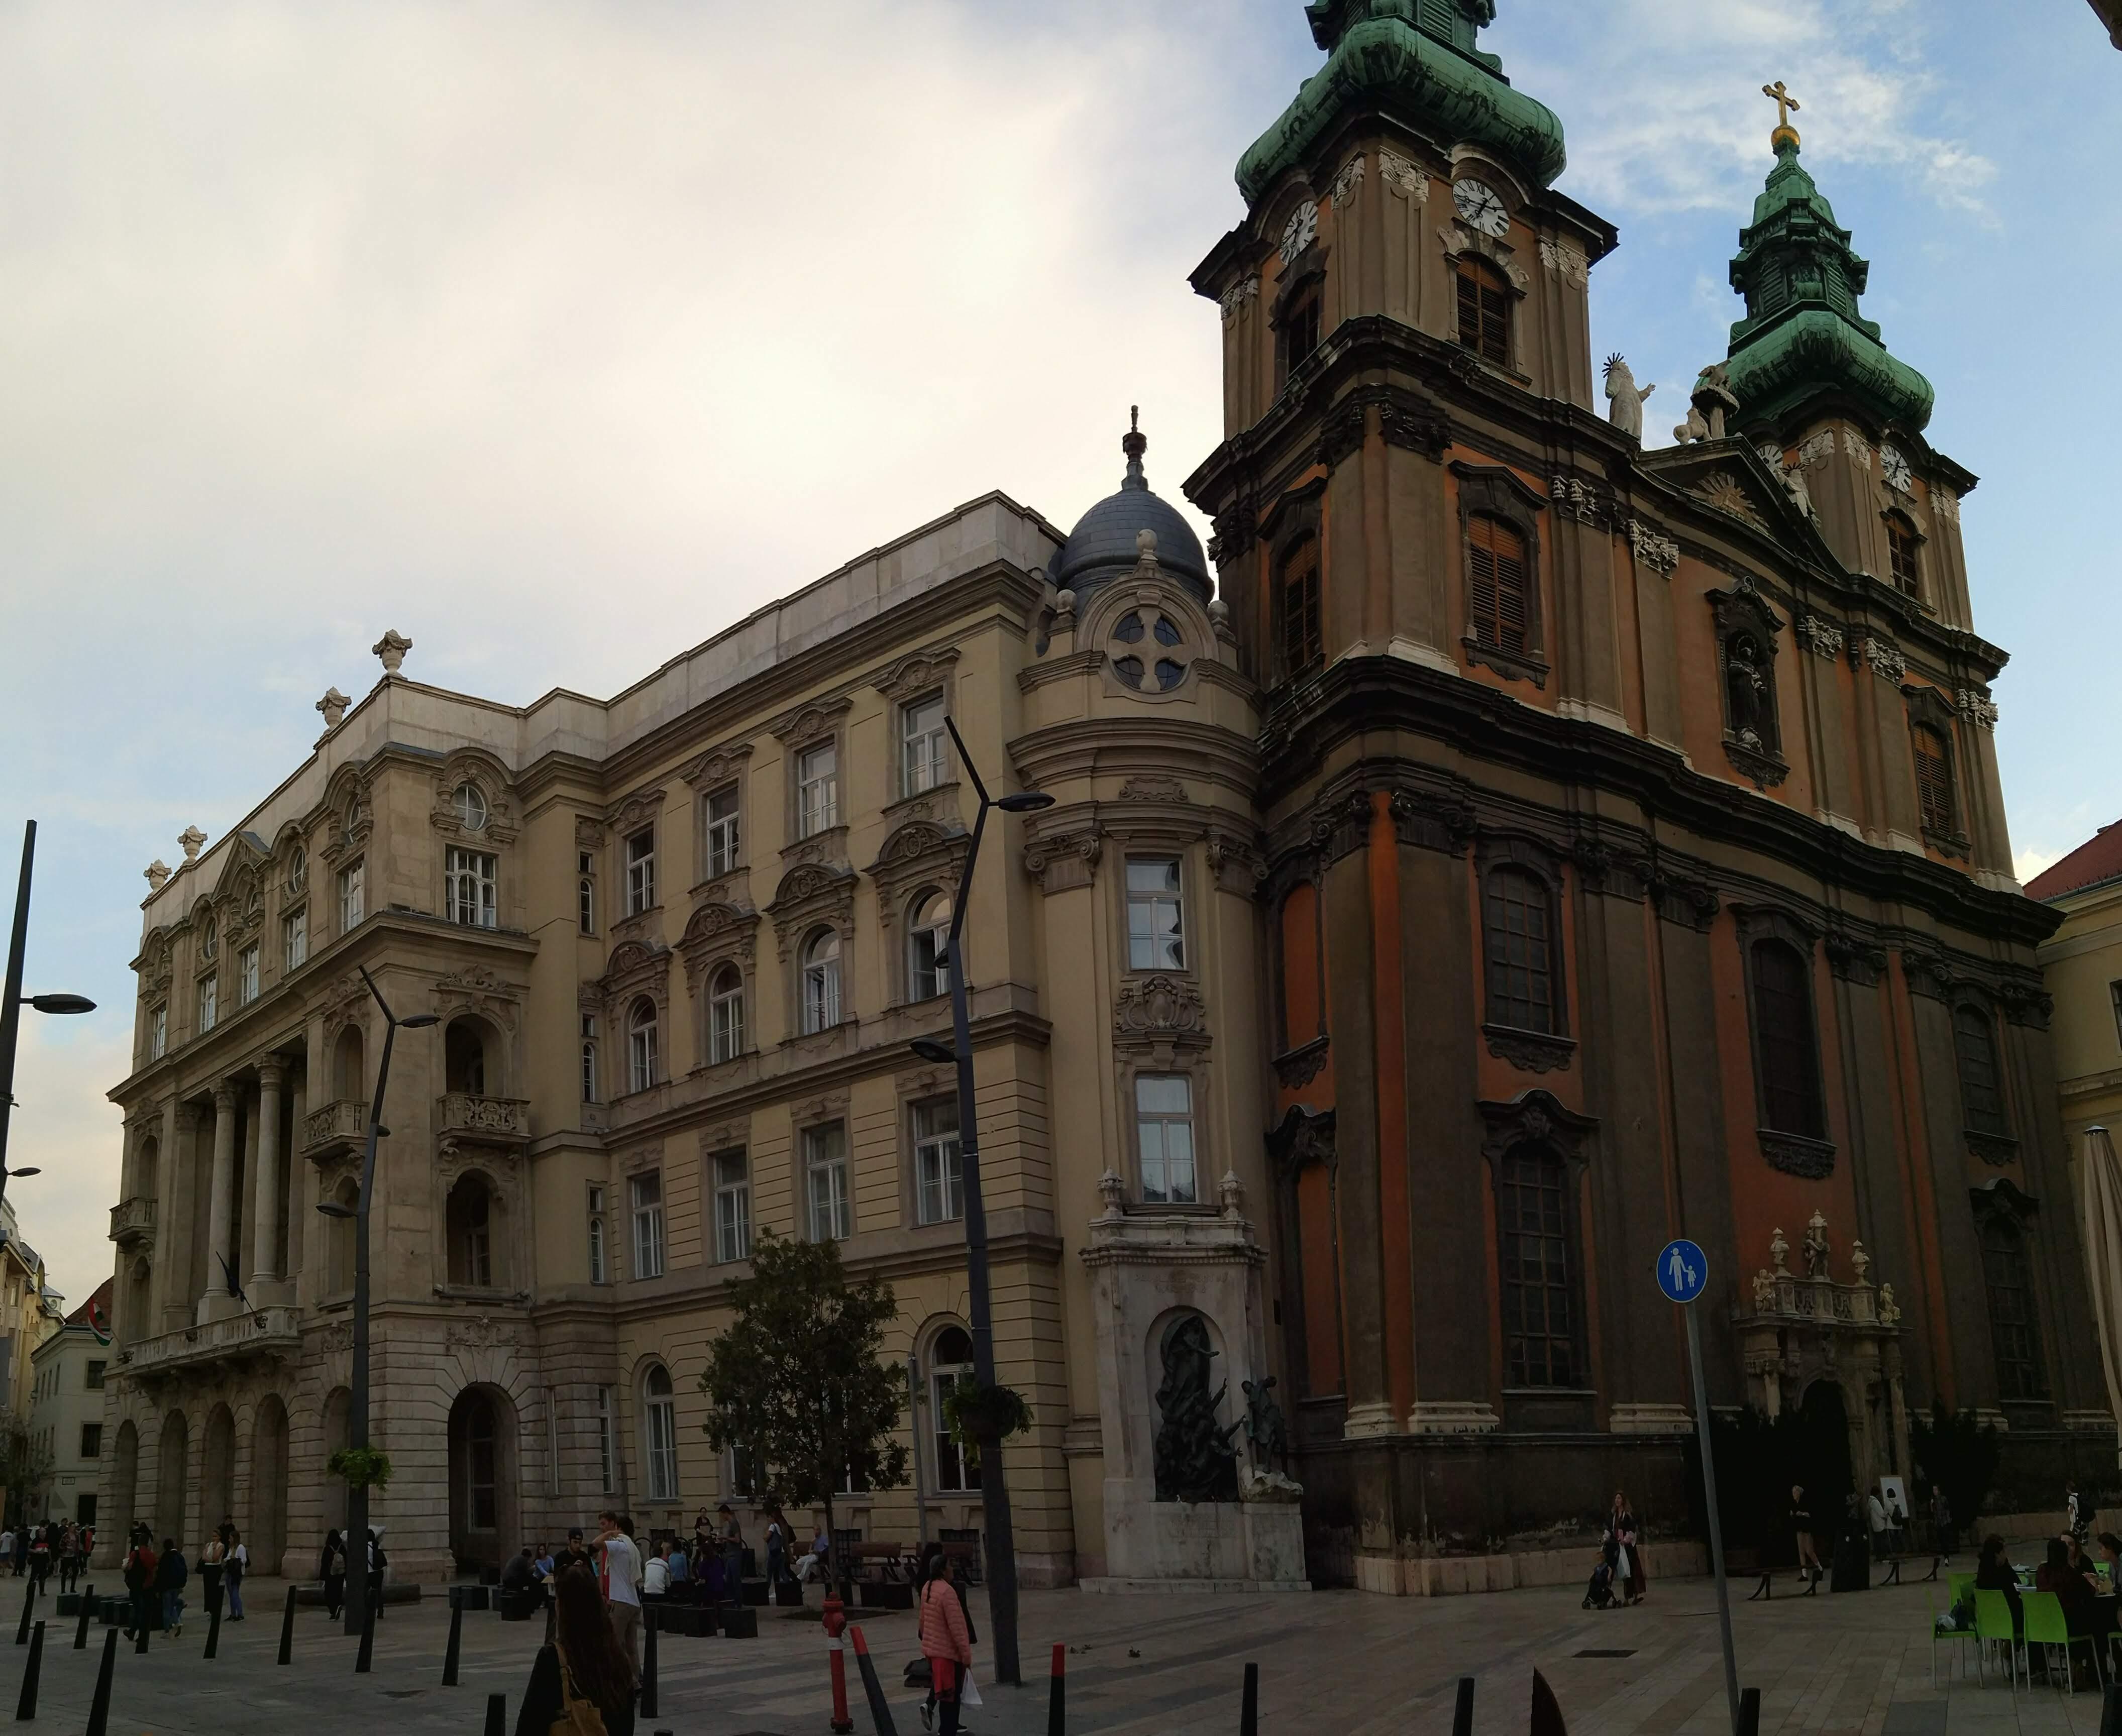 Egyetem tér in Budapest